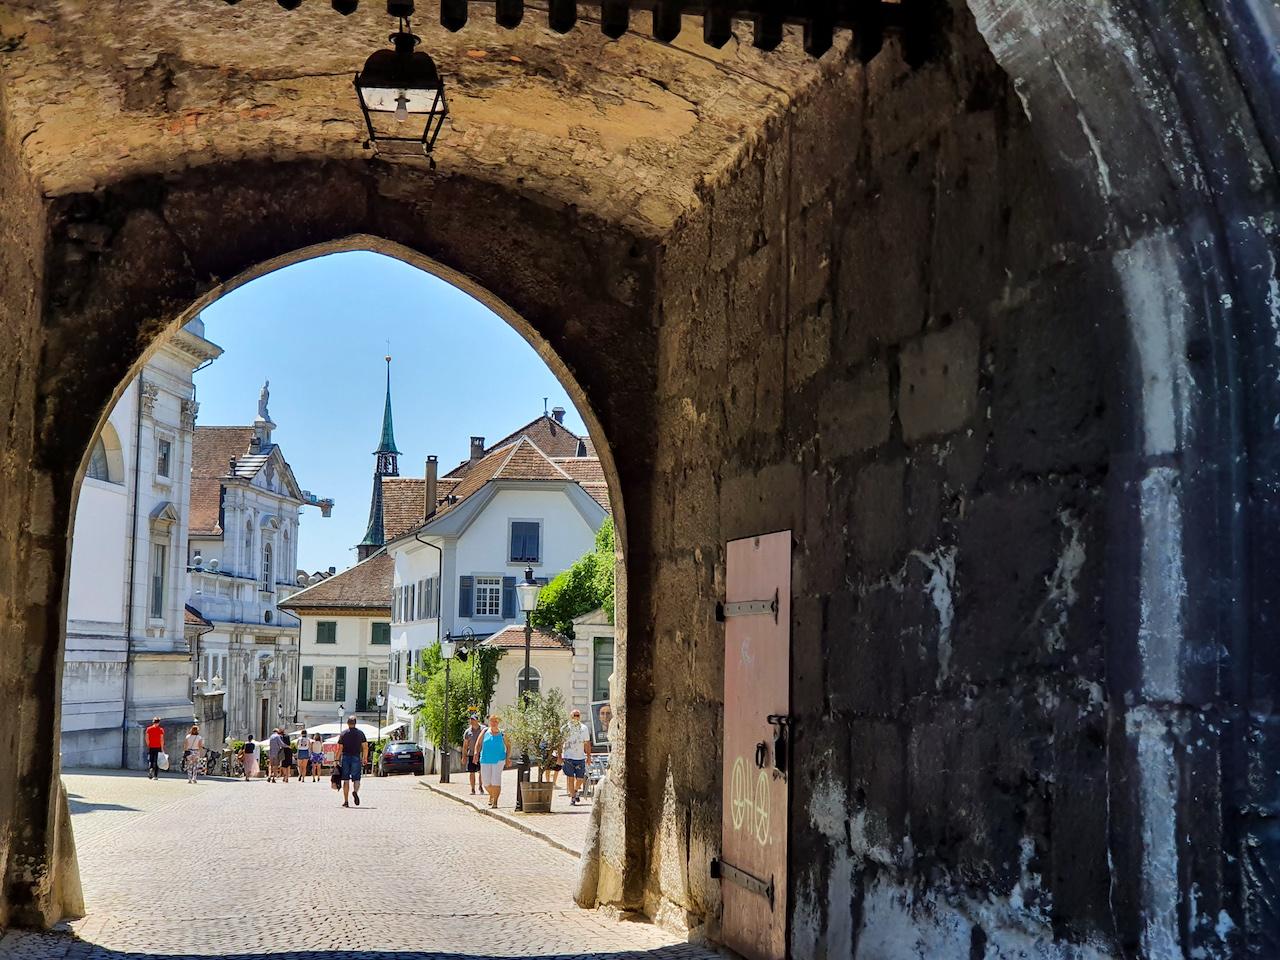 Solothurn: Prunkvoller Barock, hippe Streetart und der schönste Fluss der Welt